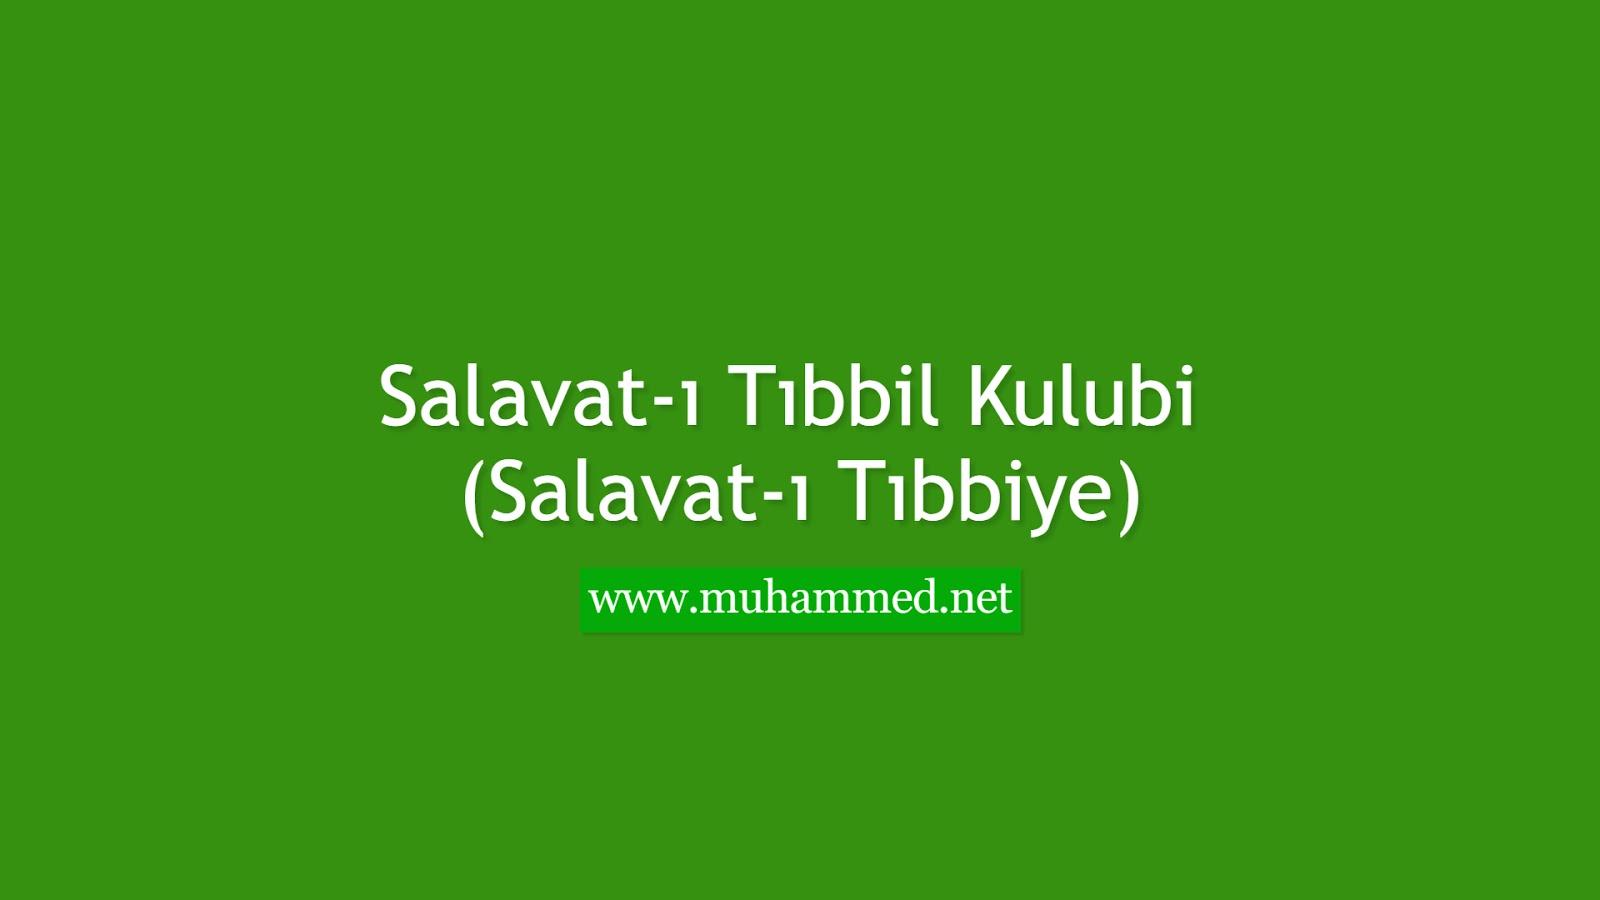 Salavat-ı Tıbbil Kulubi (Salavat-ı Tıbbiye)